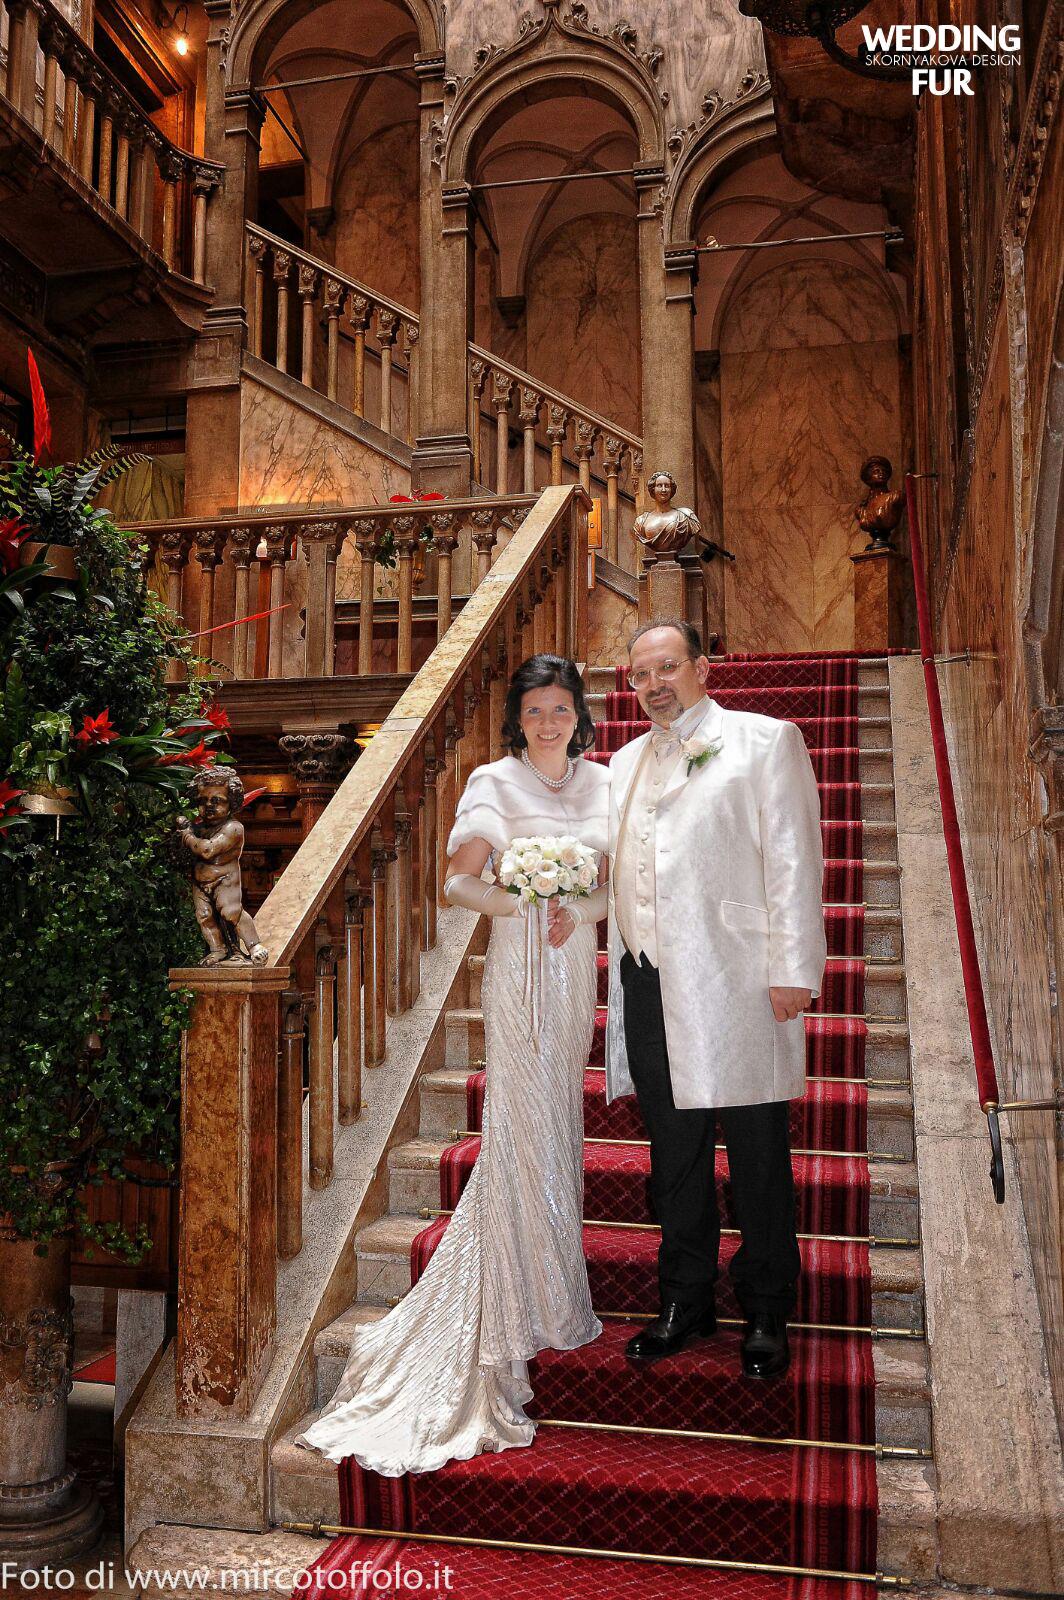 Свадьба в Италии. Меховая накидка для невесты